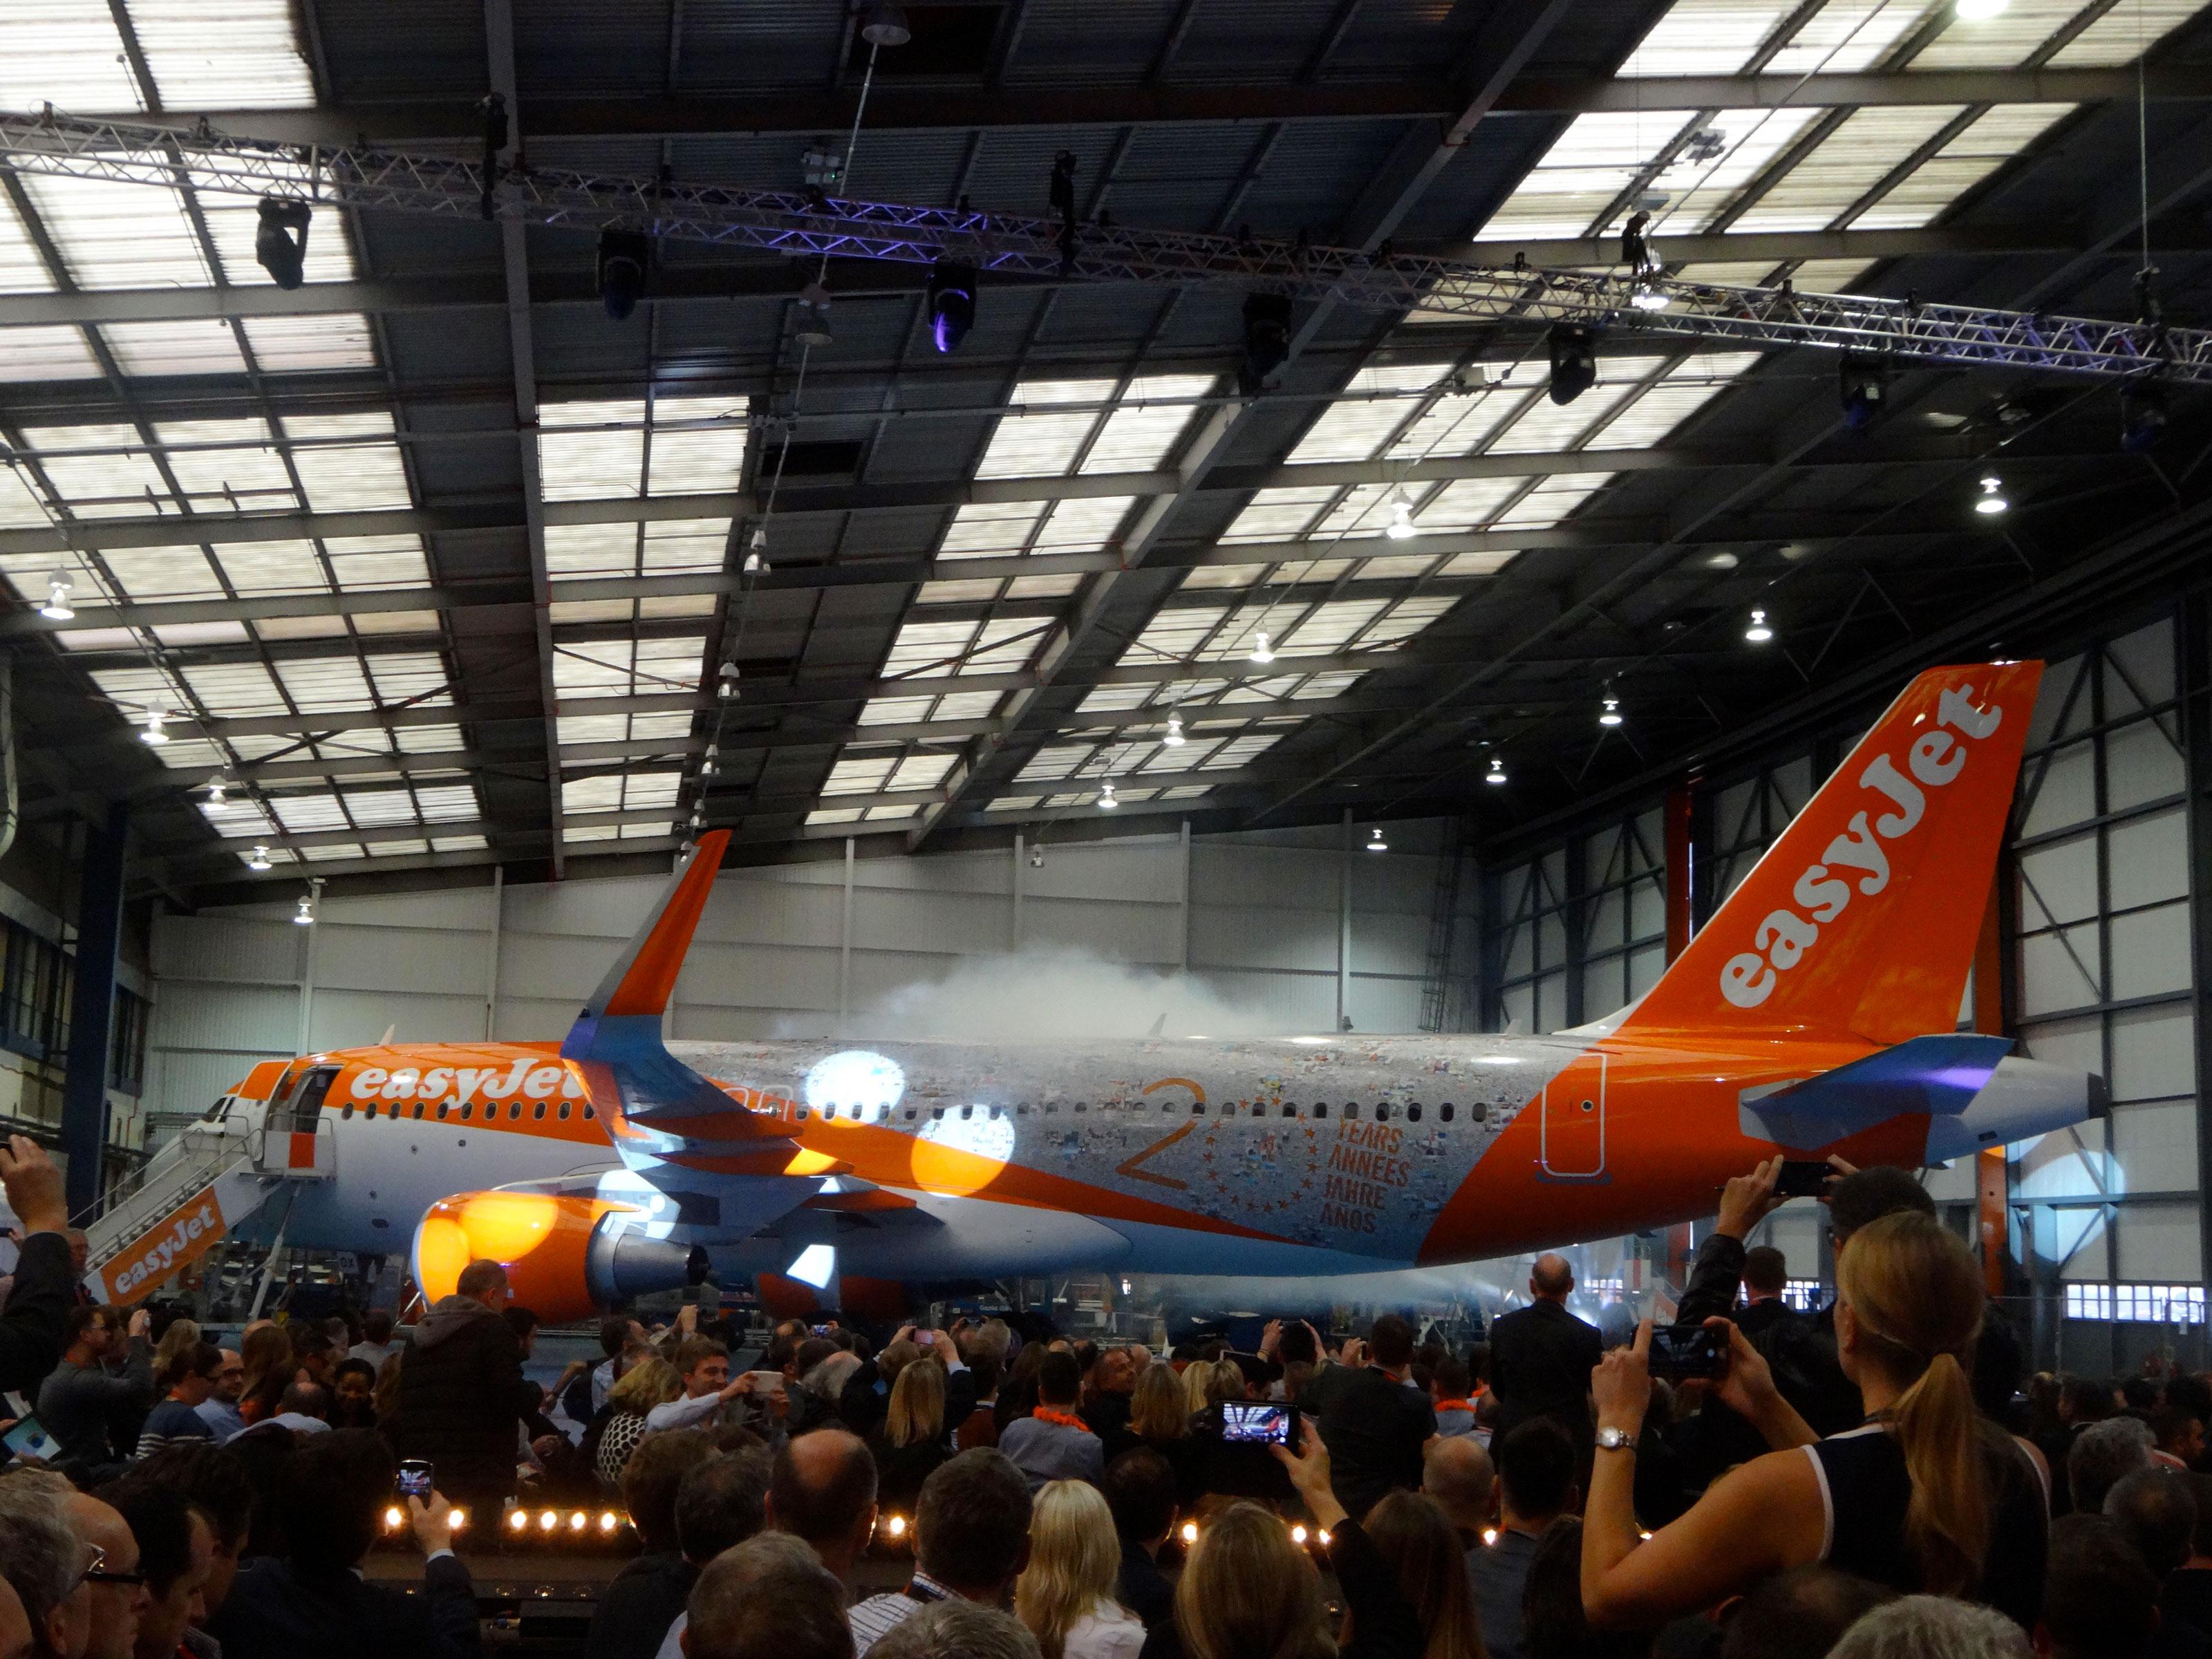 Air journal easyjet anniversaire 20 ans avion air journal for Interieur avion easyjet